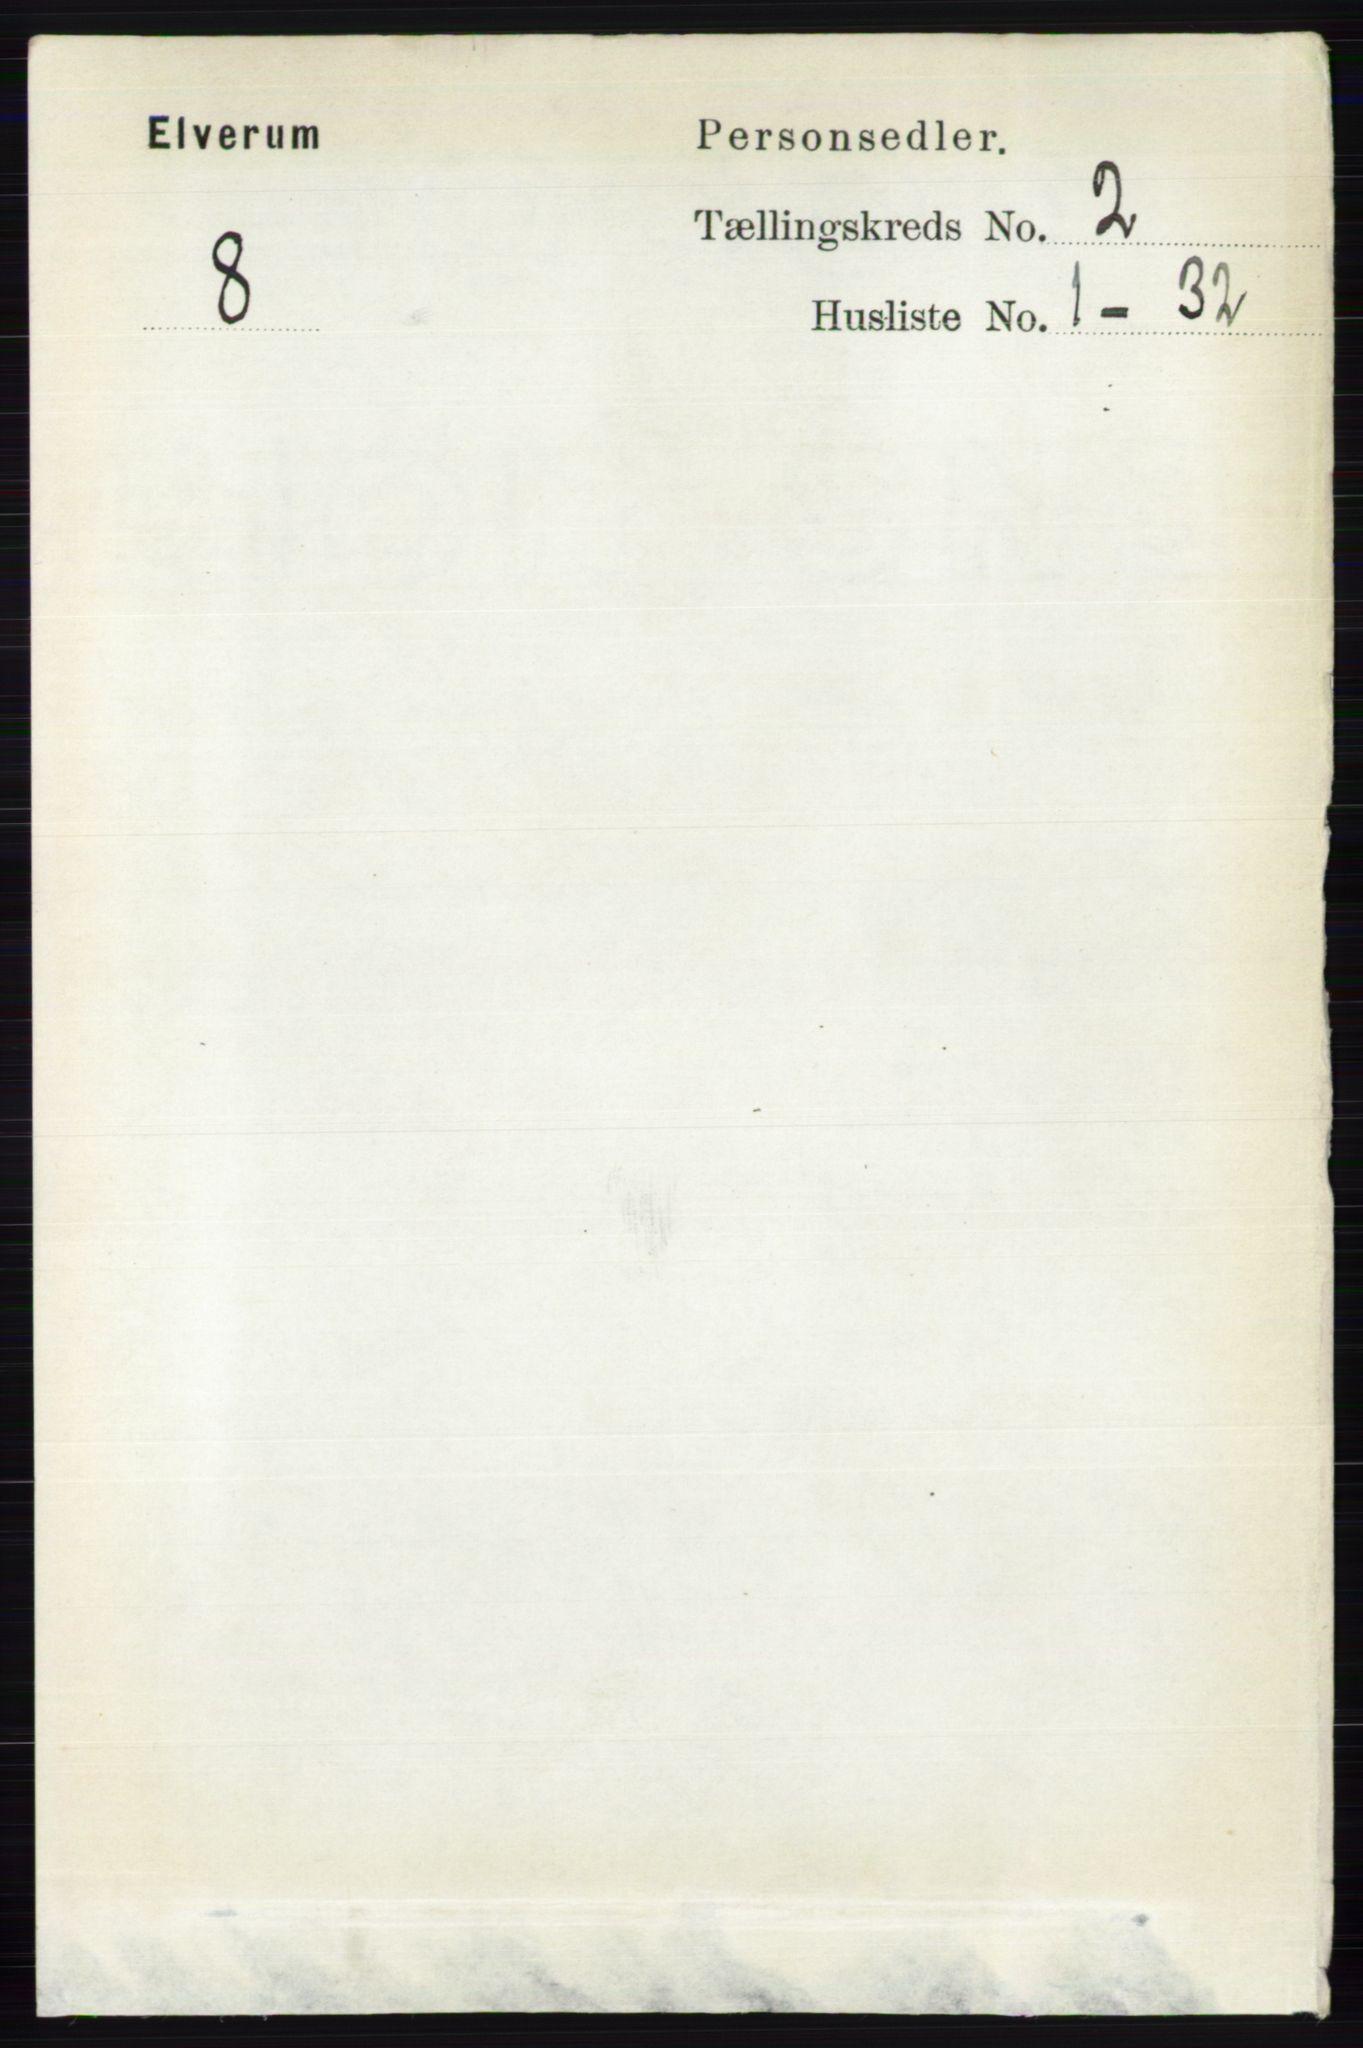 RA, Folketelling 1891 for 0427 Elverum herred, 1891, s. 1216